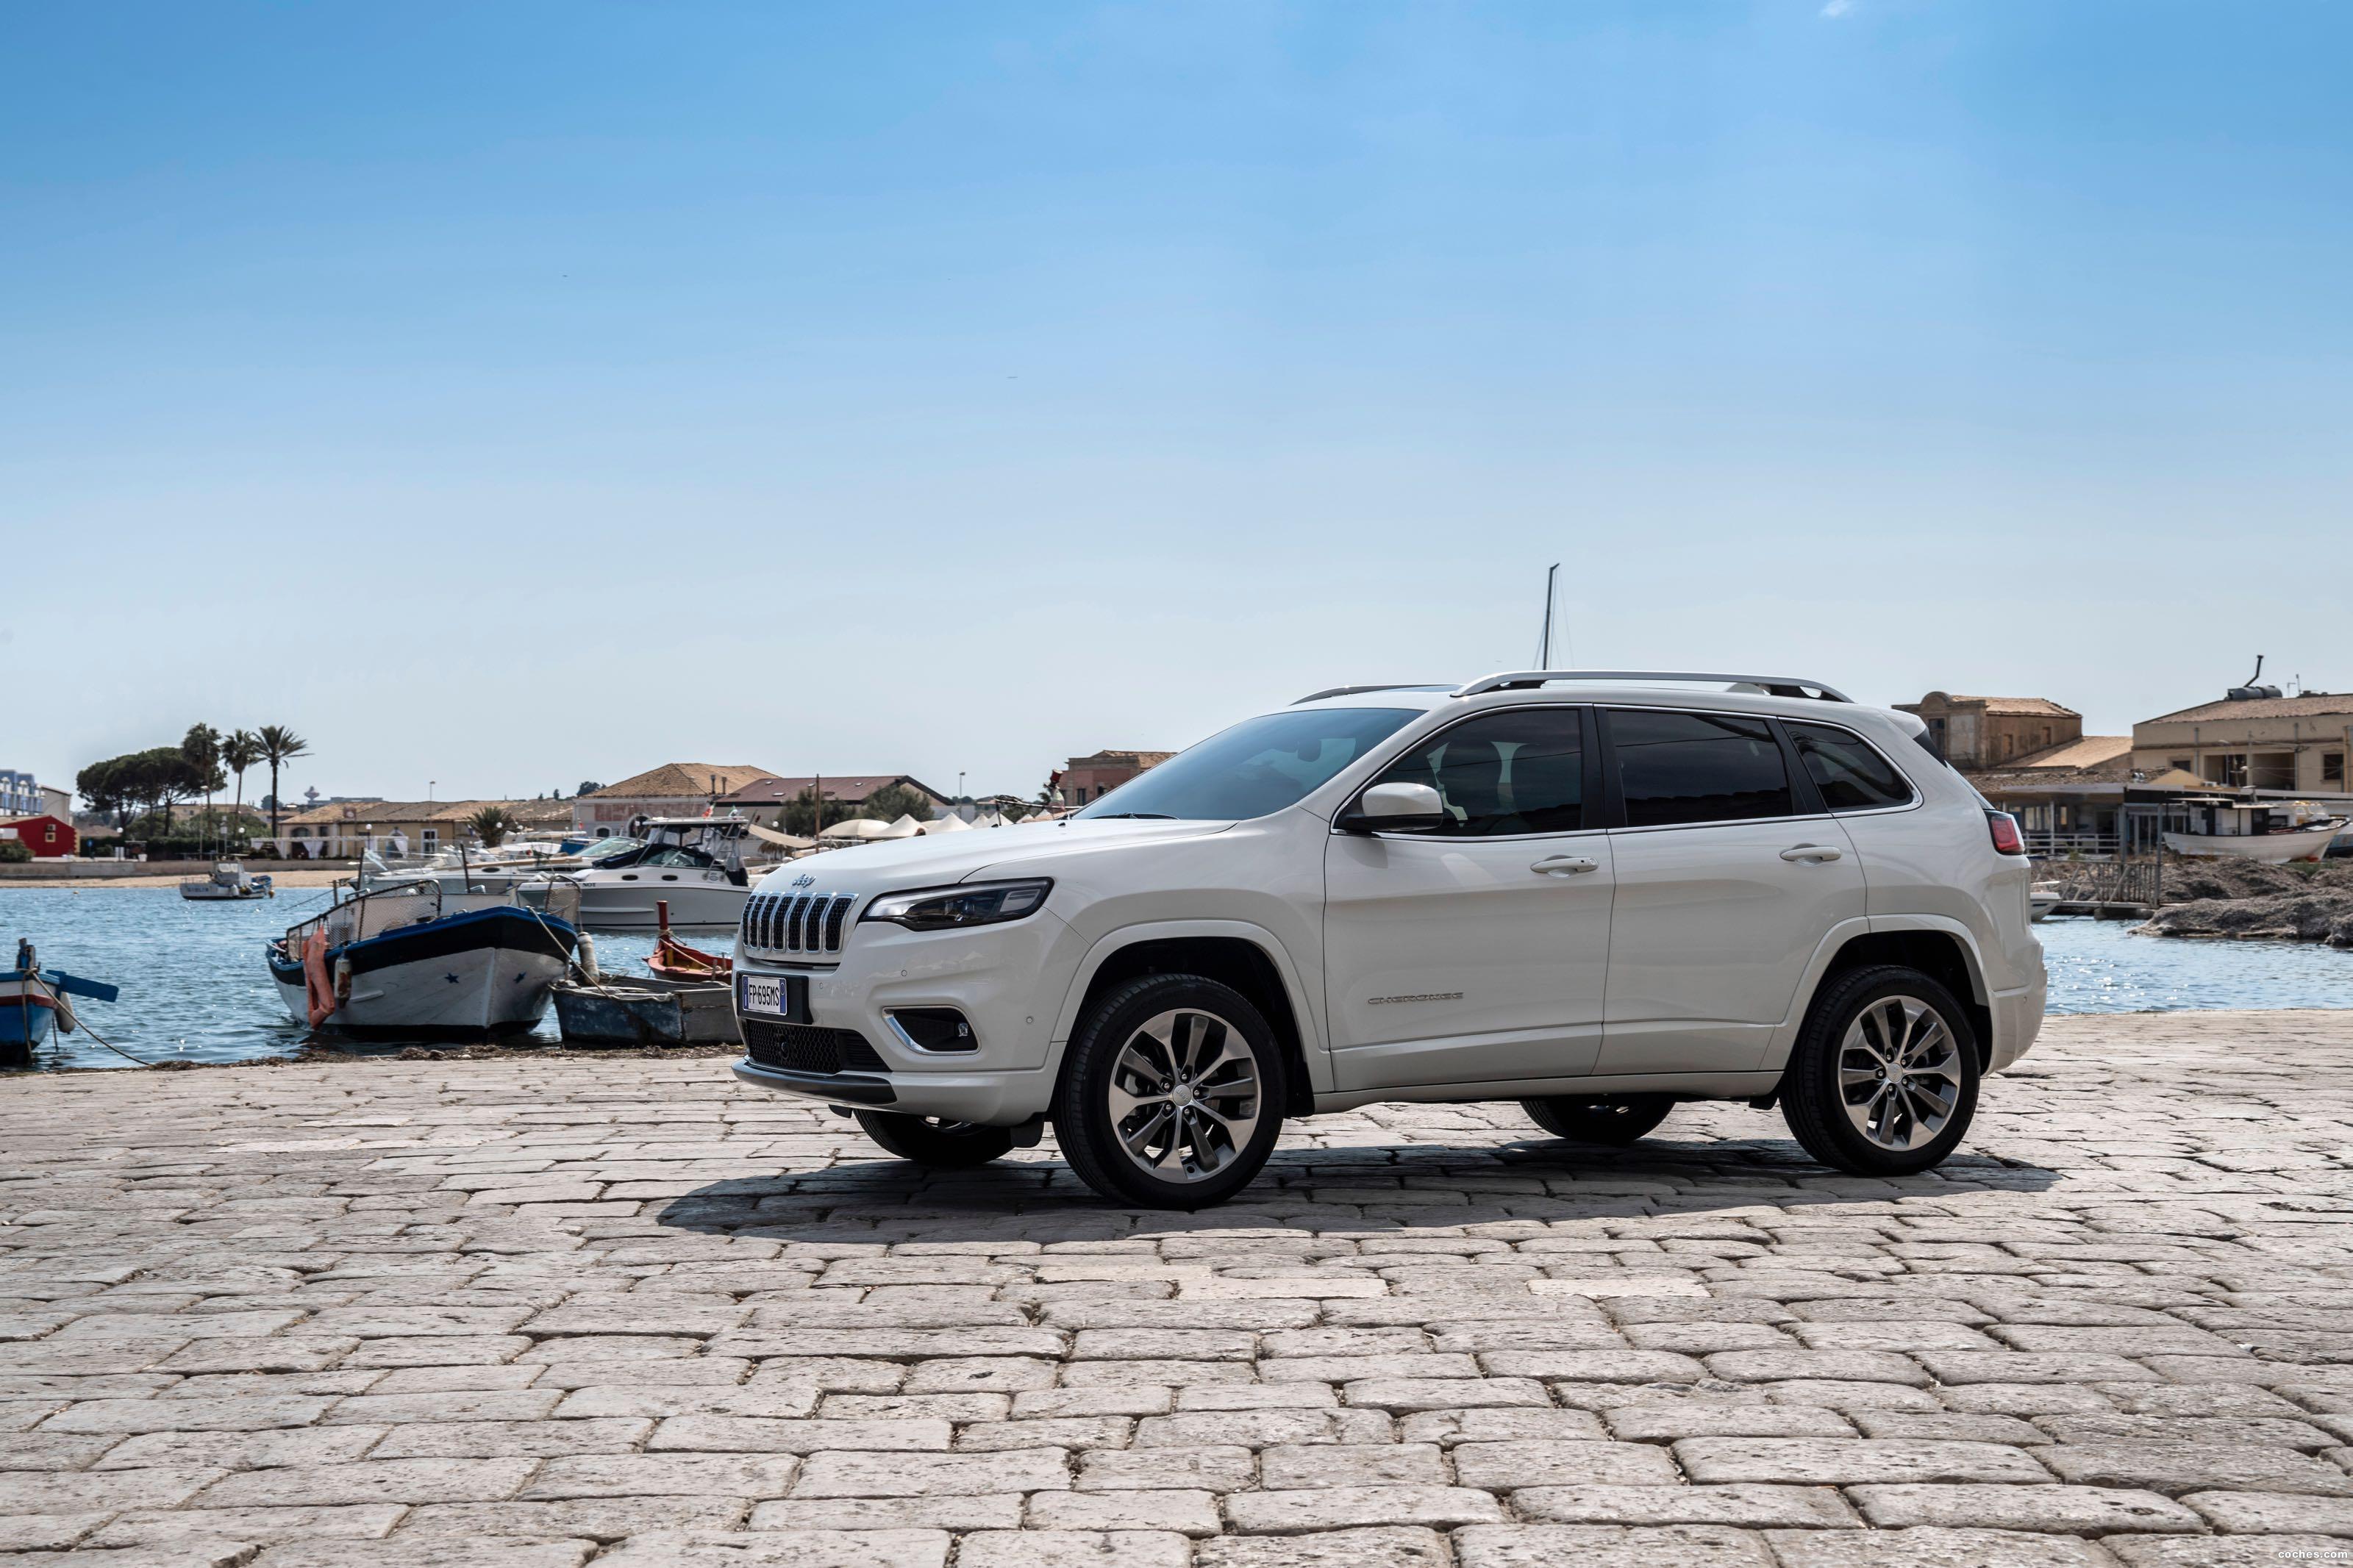 Foto 0 de Jeep Cherokee Overland 2018